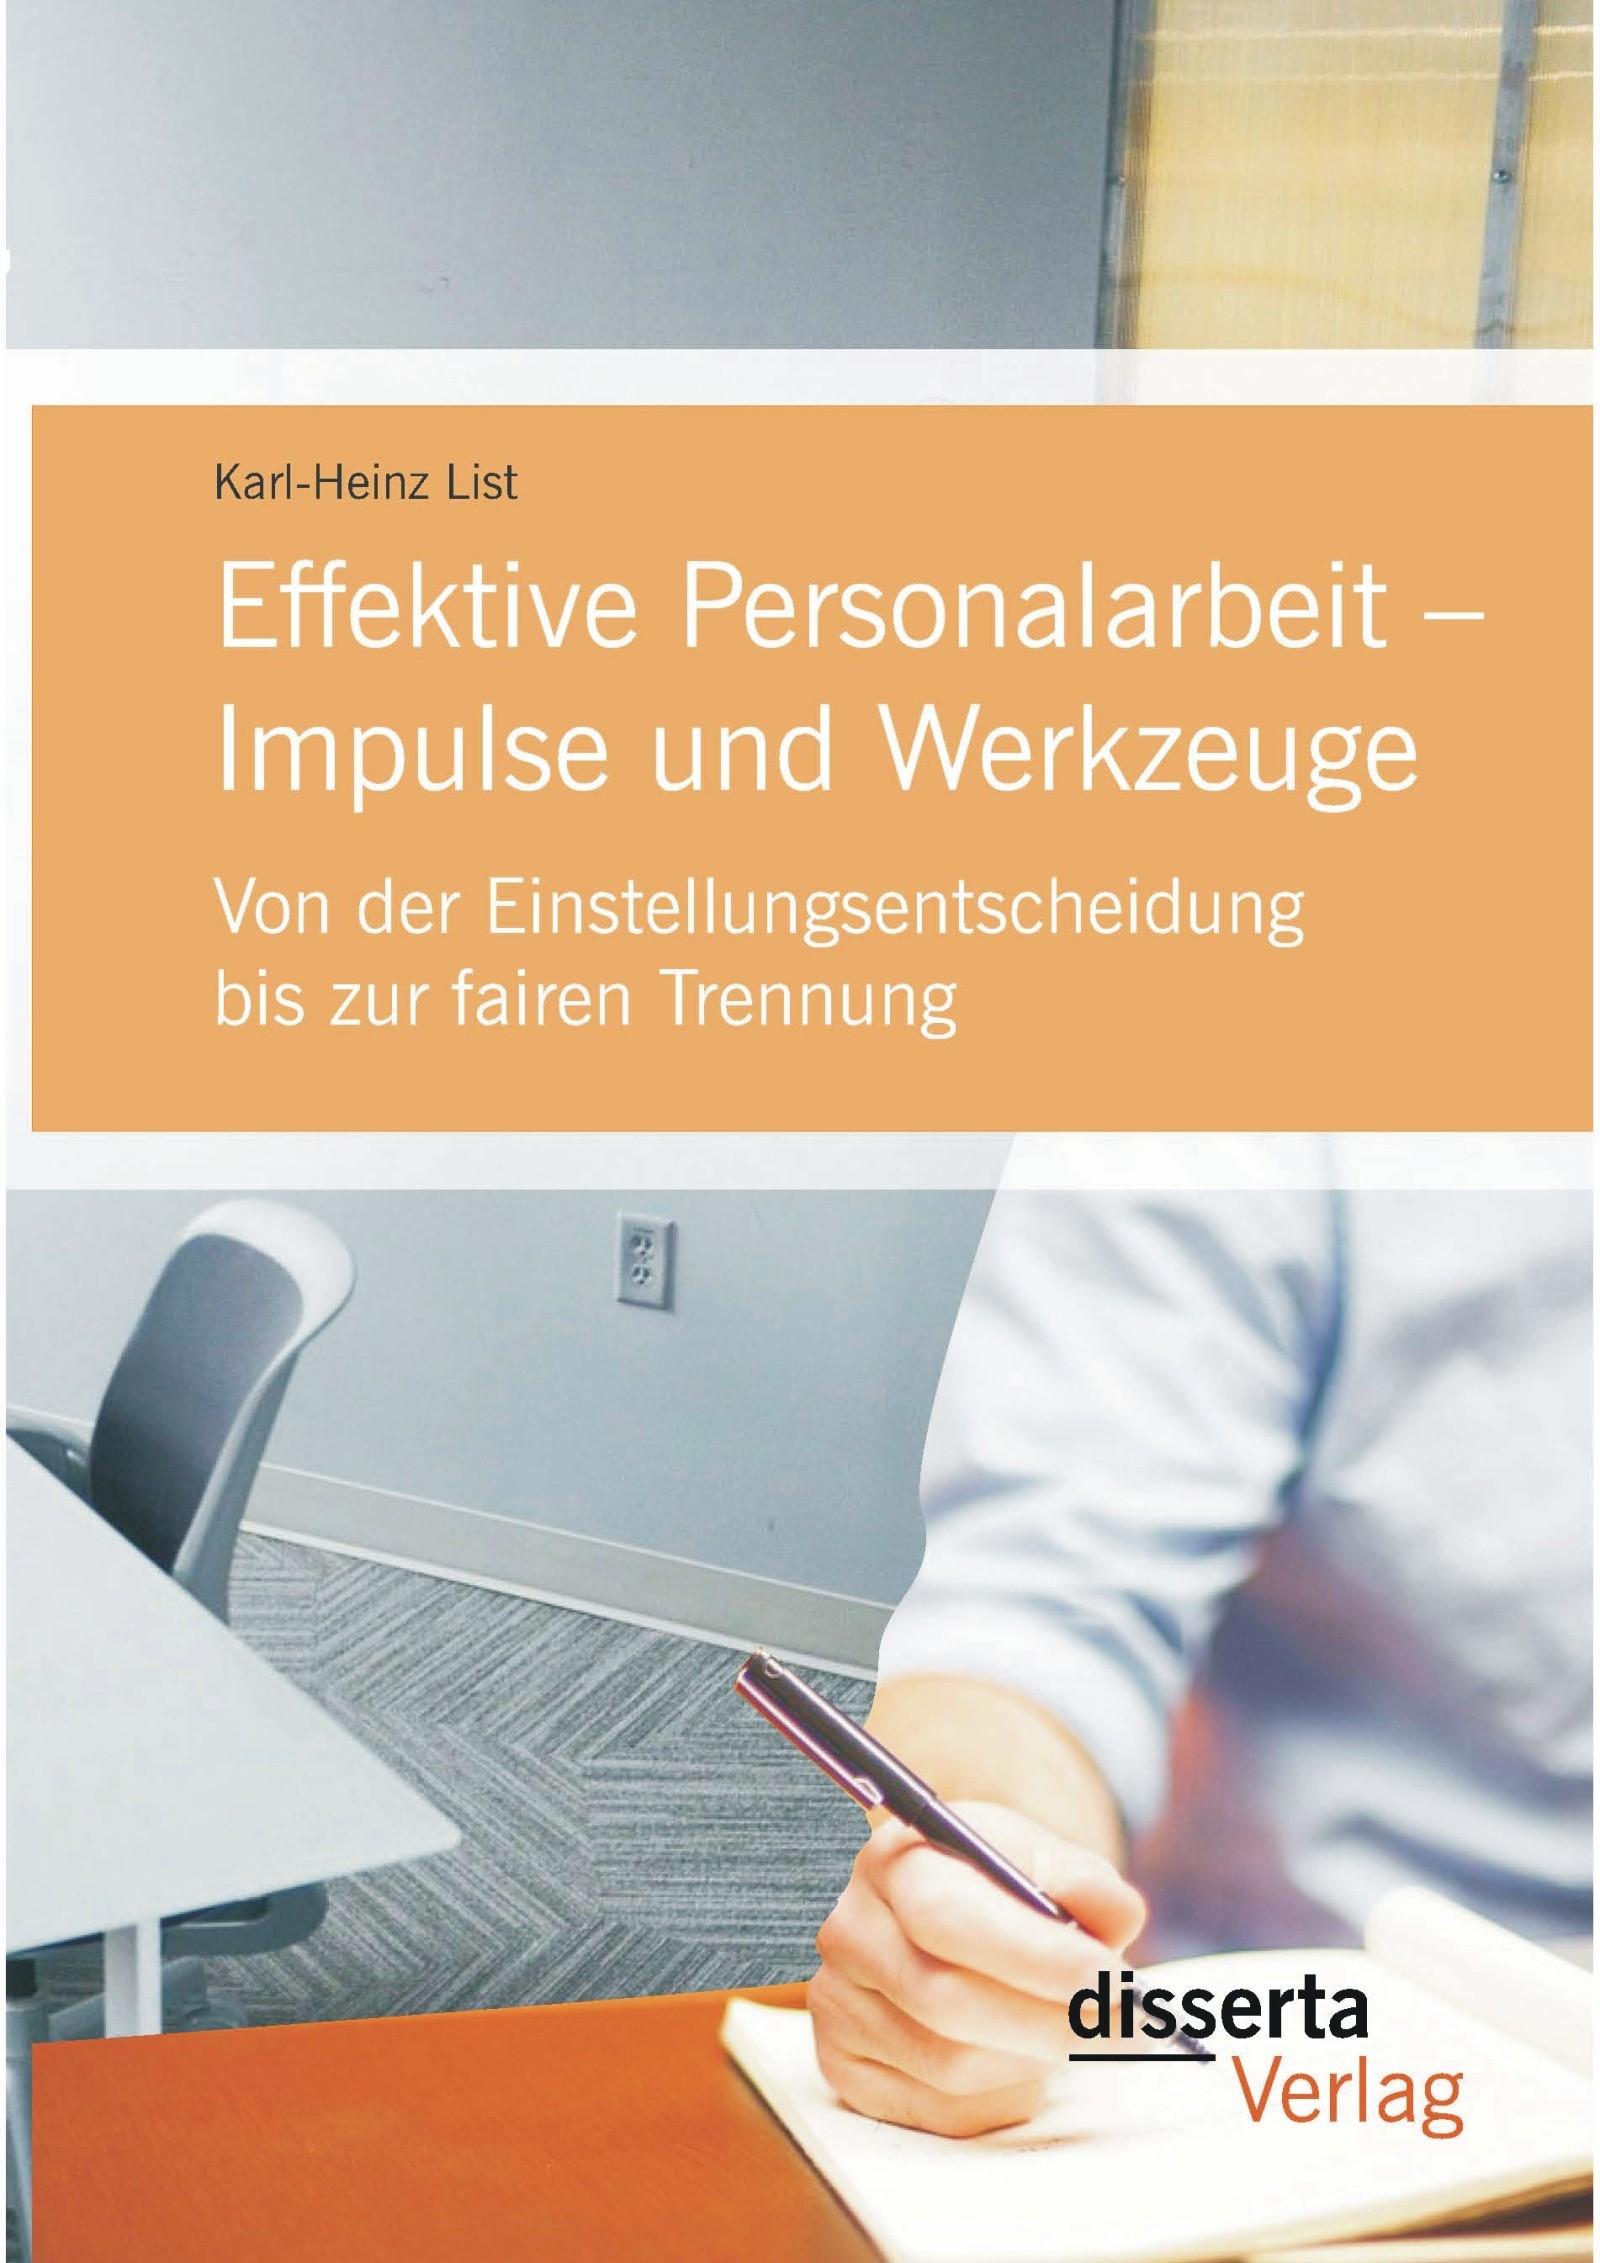 Effektive Personalarbeit – Impulse und Werkzeuge: Von der Einstellungsentscheidung bis zur fairen Trennung | List | Erstauflage, 2015 | Buch (Cover)